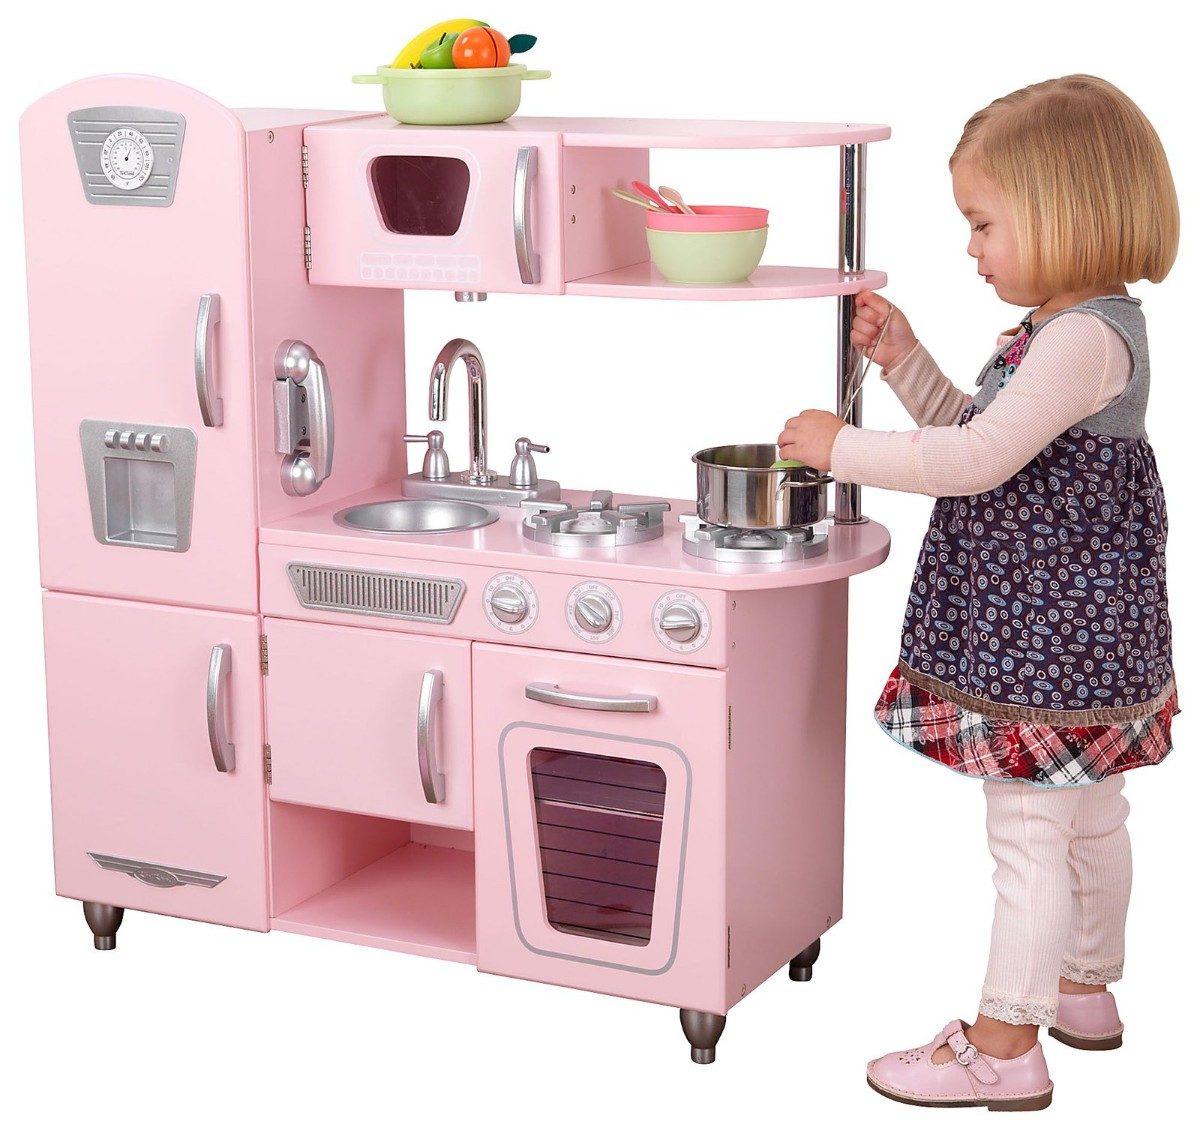 Regalos que gustan a las ni as para navidad desarrollo - Cocina de juguete ...